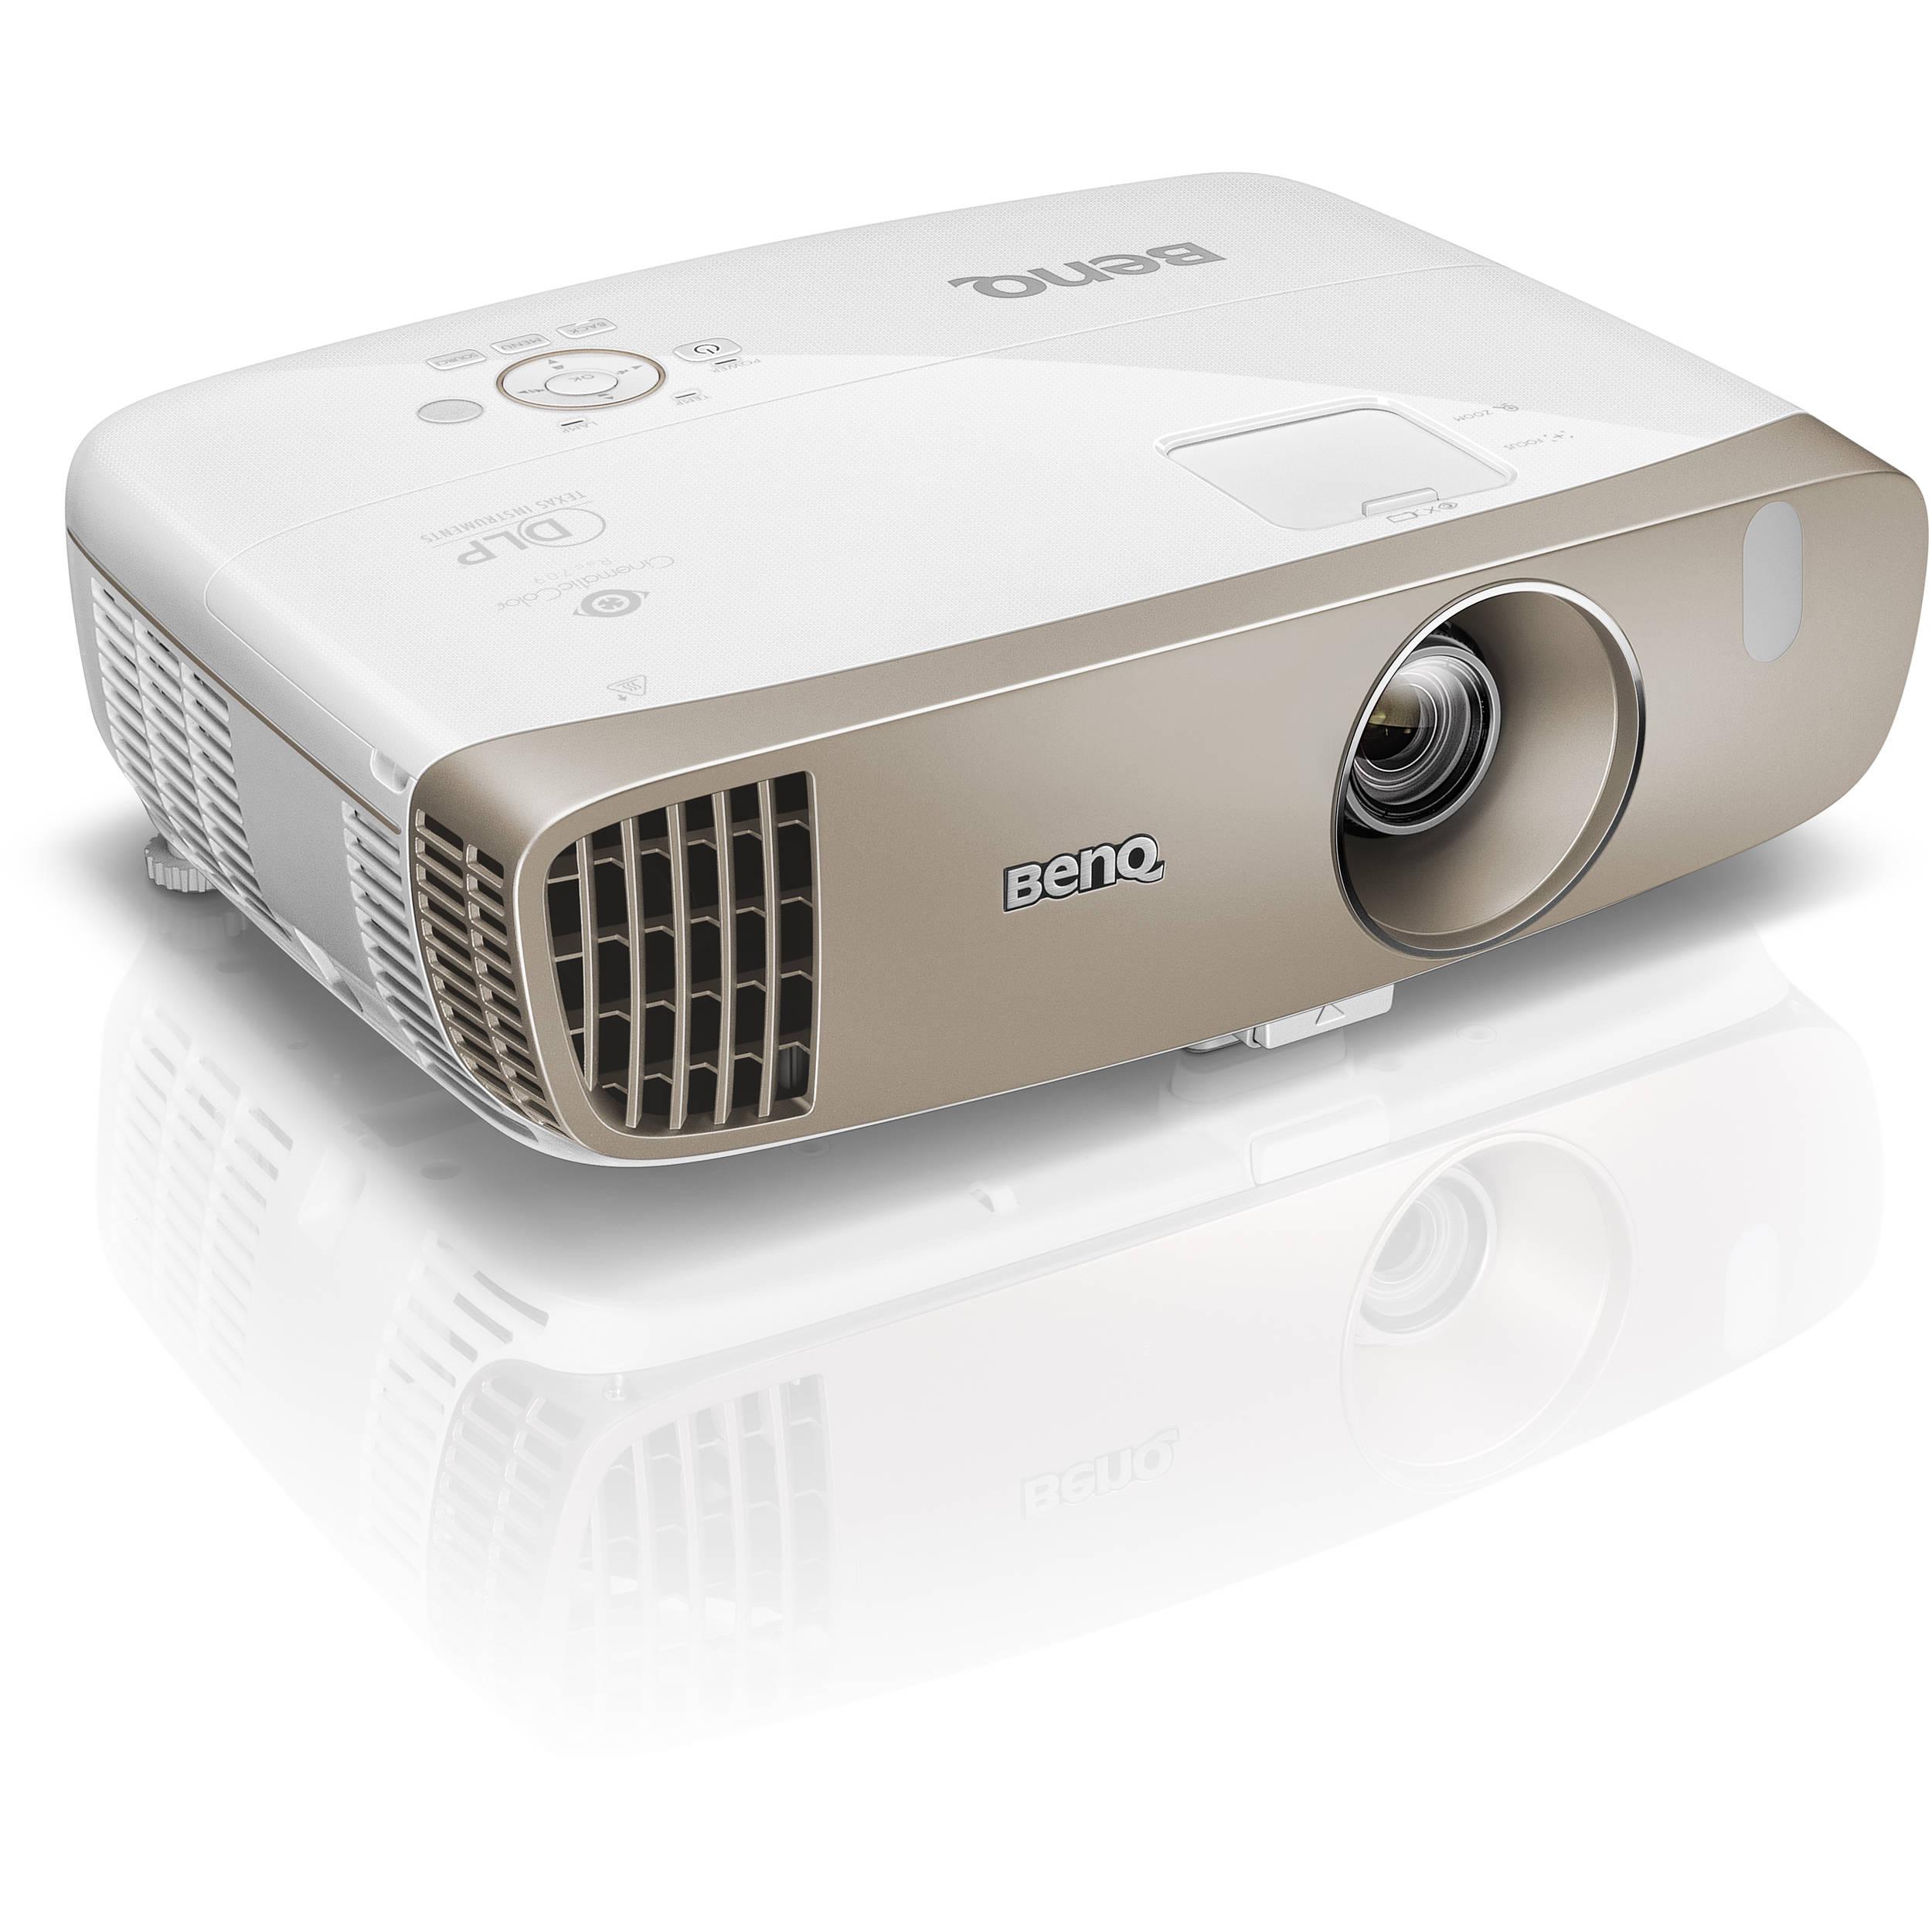 f01d16a5fc9 BenQ HT3050 Full HD 3D DLP Home Theater Projector HT3050 B&H